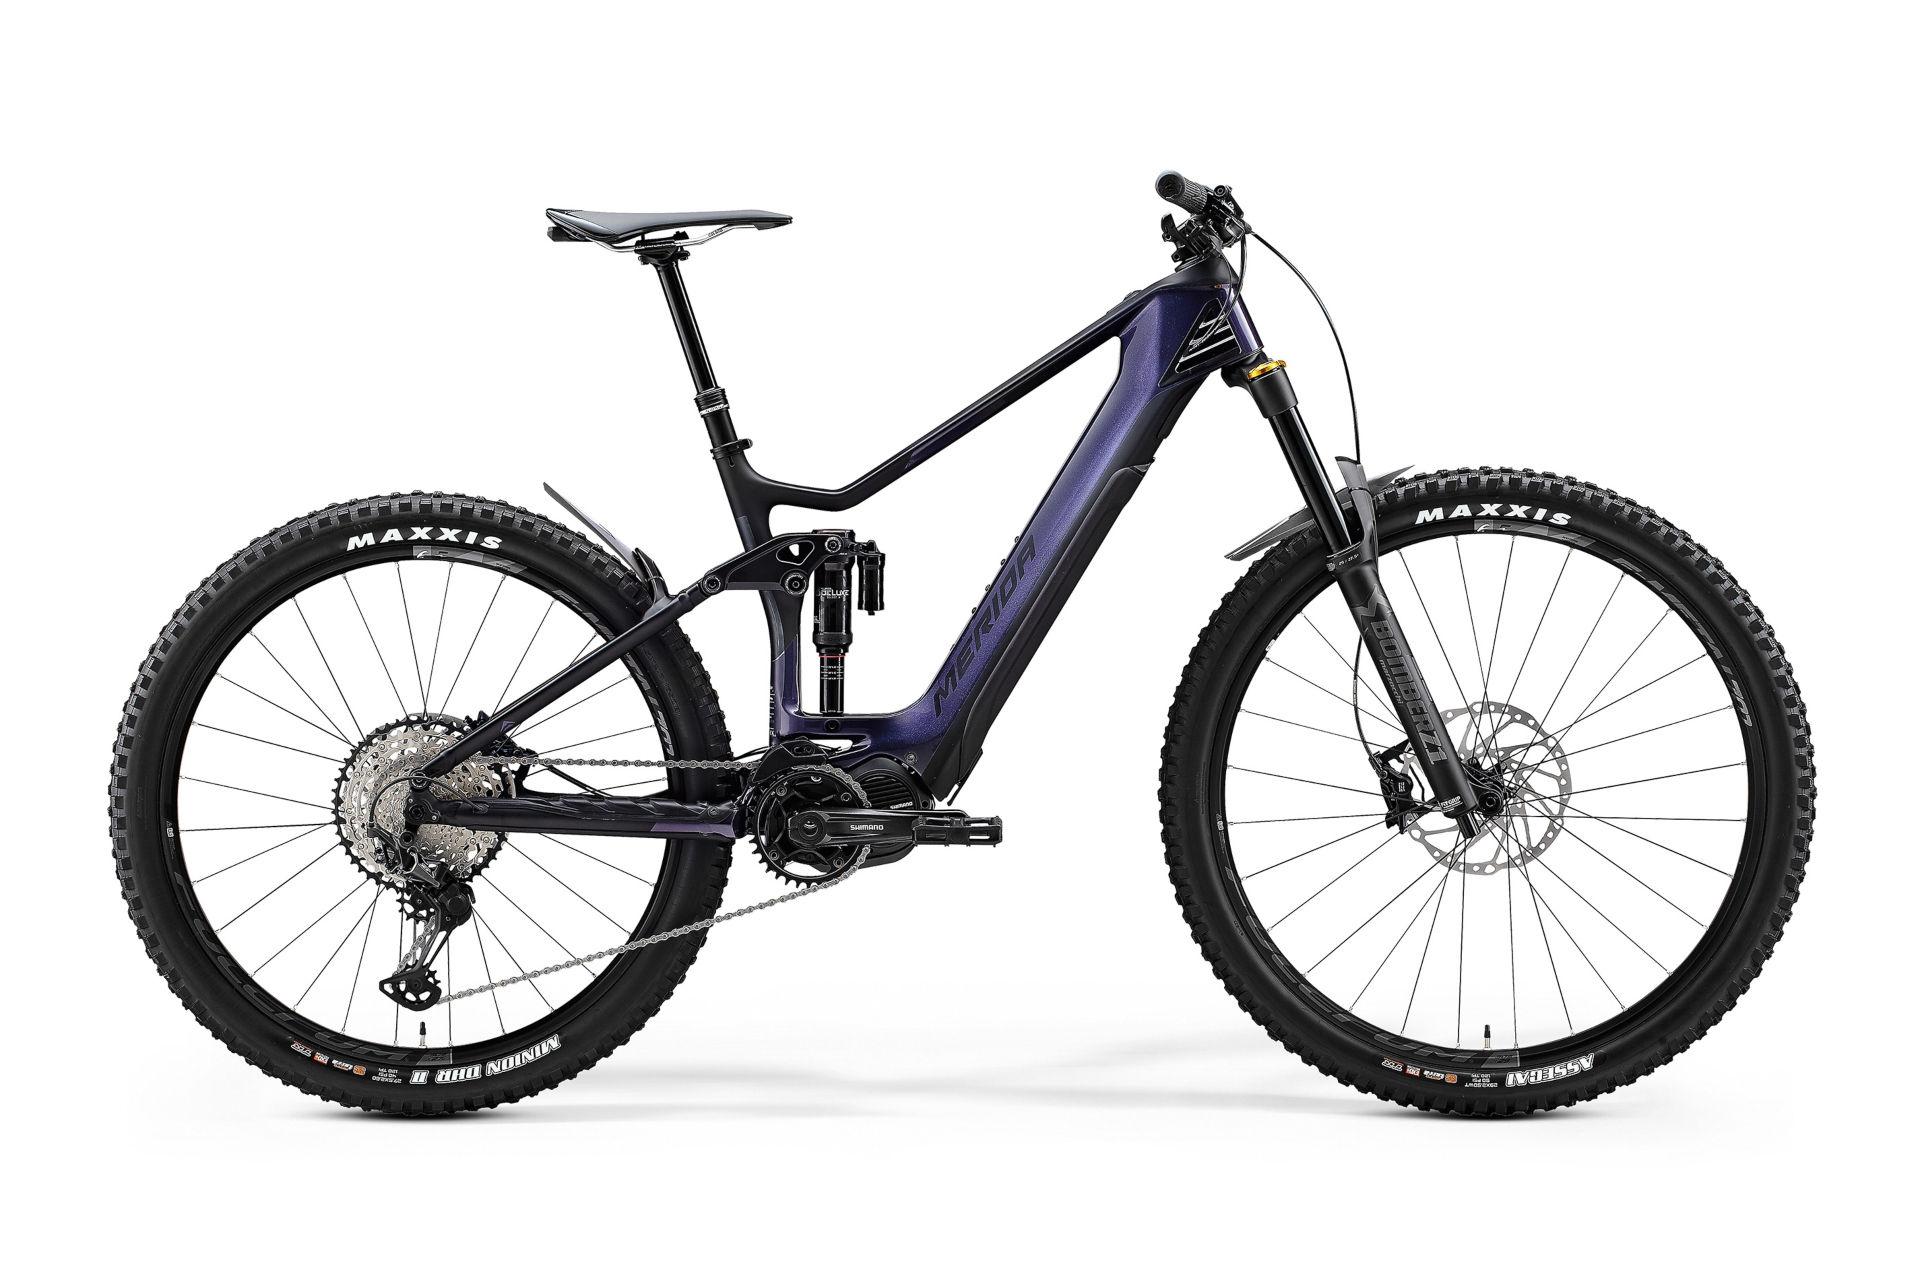 eOne-Sixty, rower elektryczny, rowery elektryczne, e-bike, e-bikes, eMTB, Shimano Steps, Merida eOne-Sixty 8000, eOne-Sixty 8000, górski e-bike, górski rower elektryczny